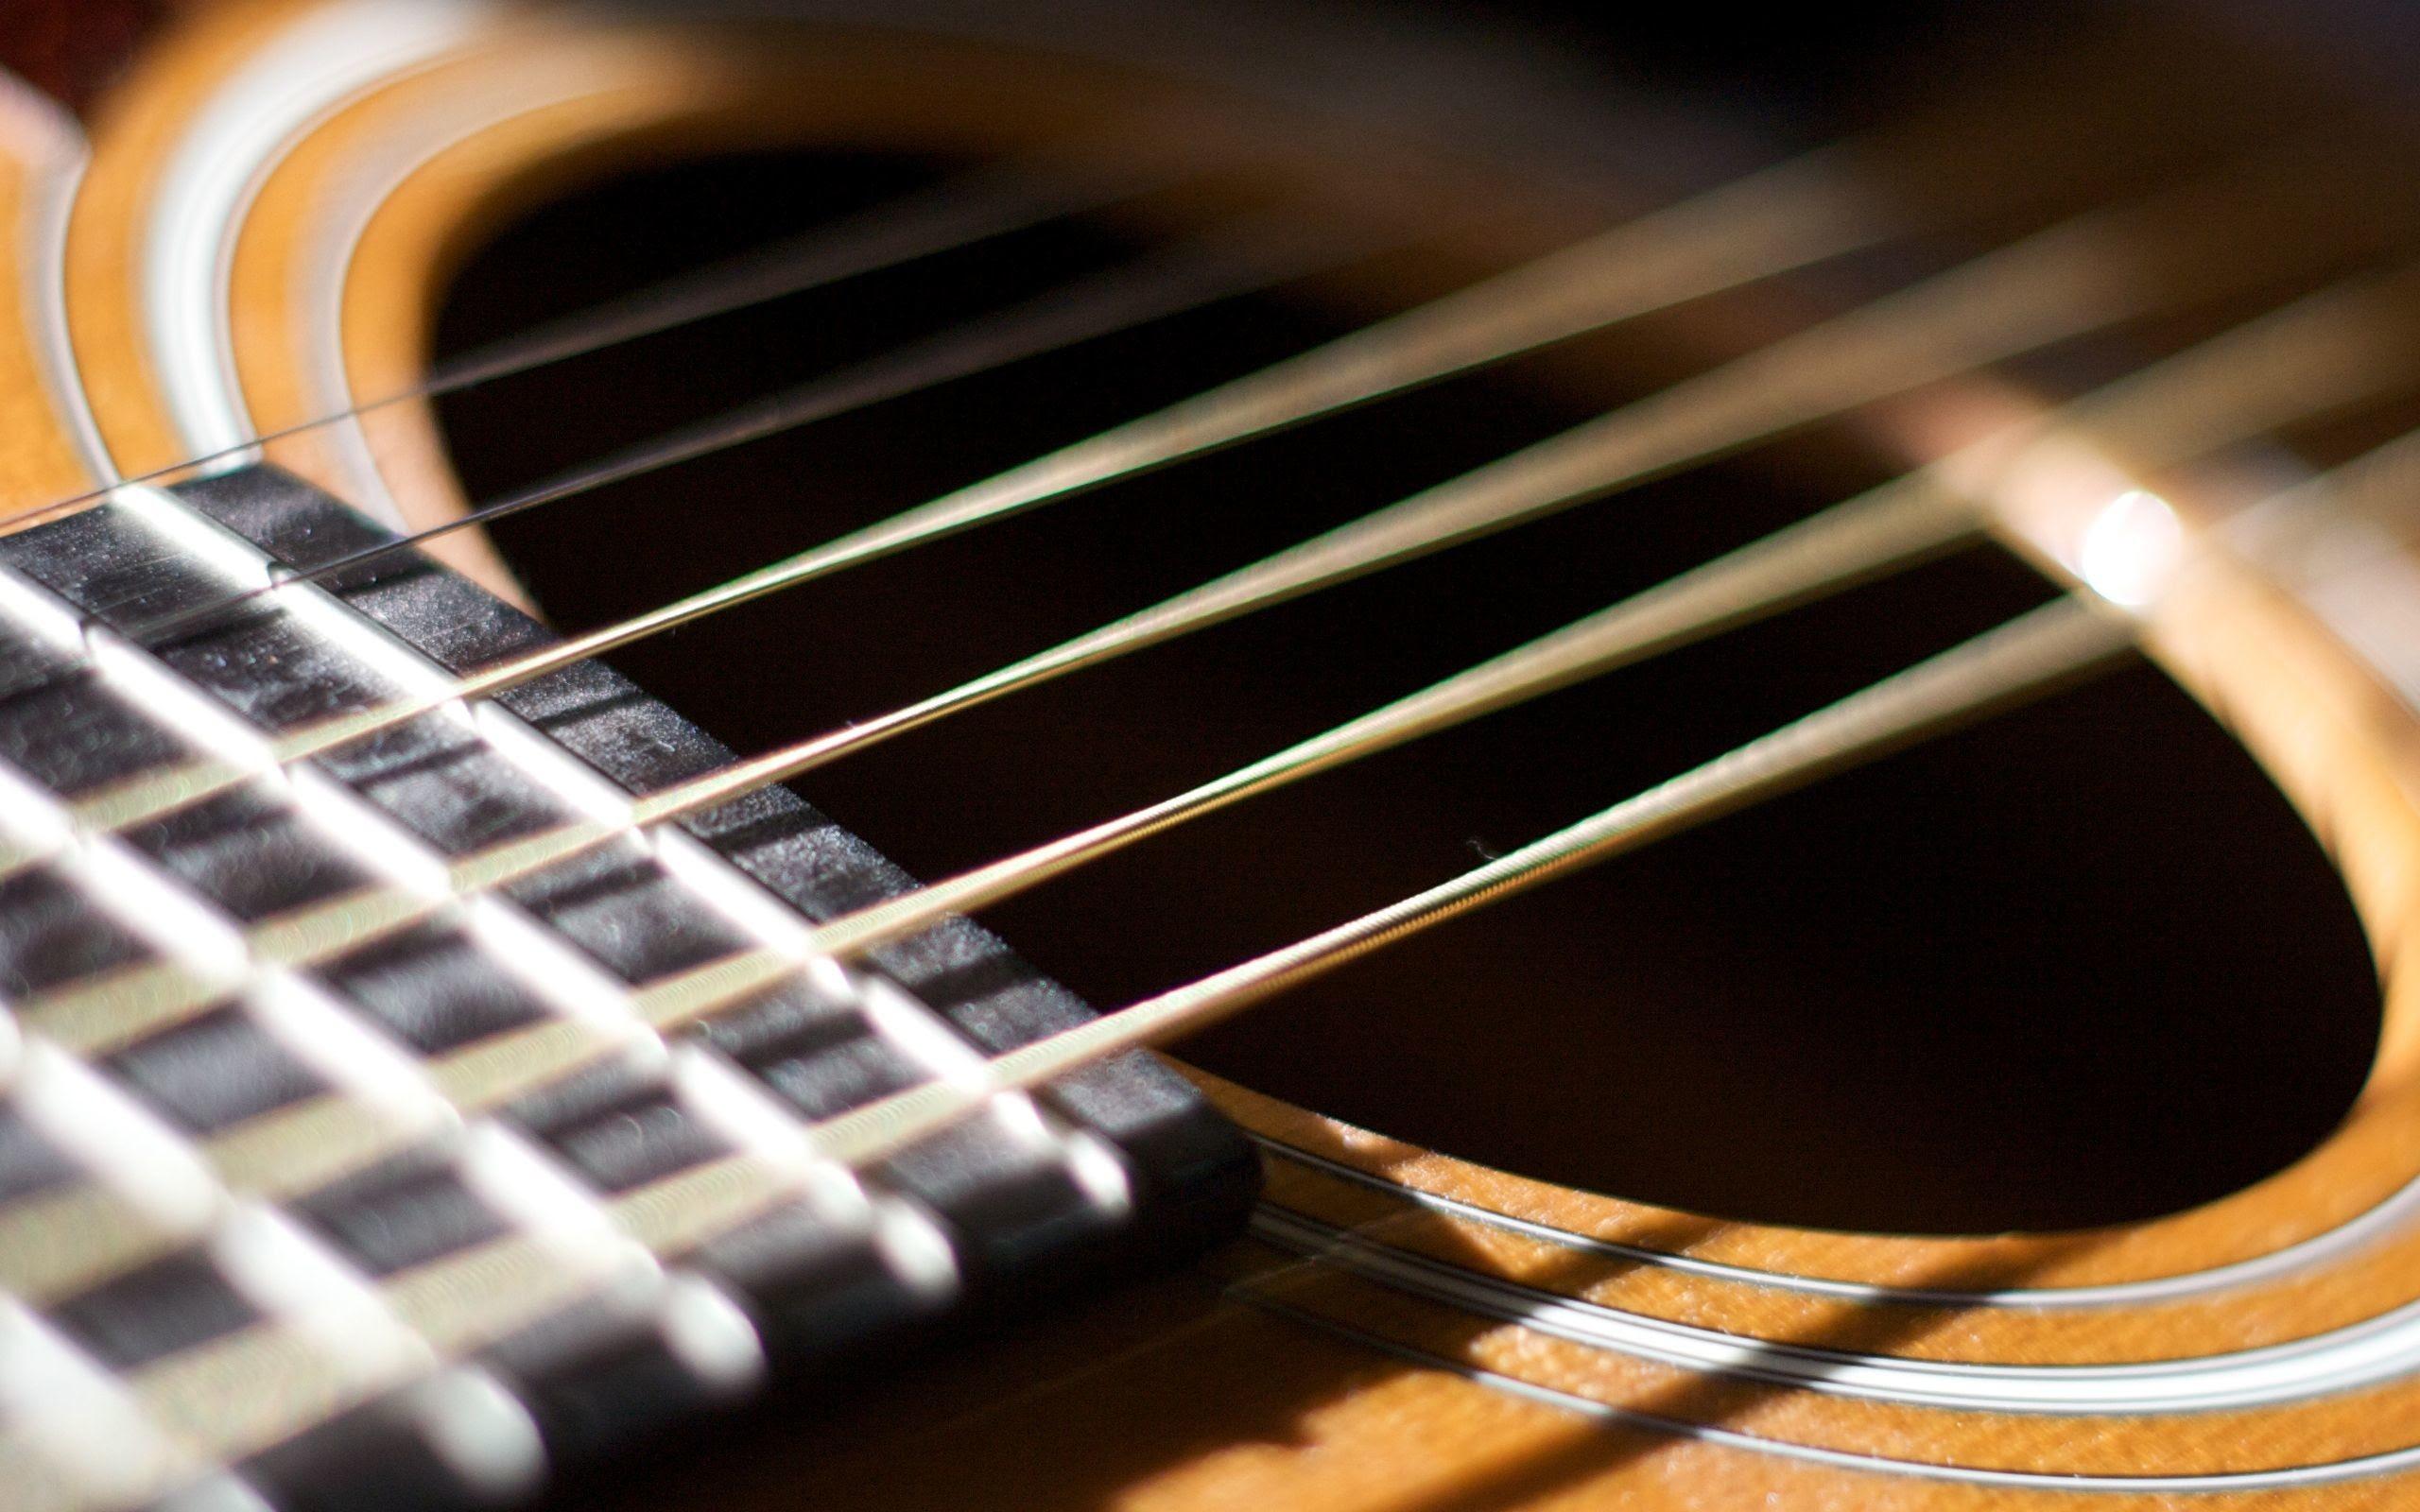 Guitar iPhone Wallpaper (79+ images)